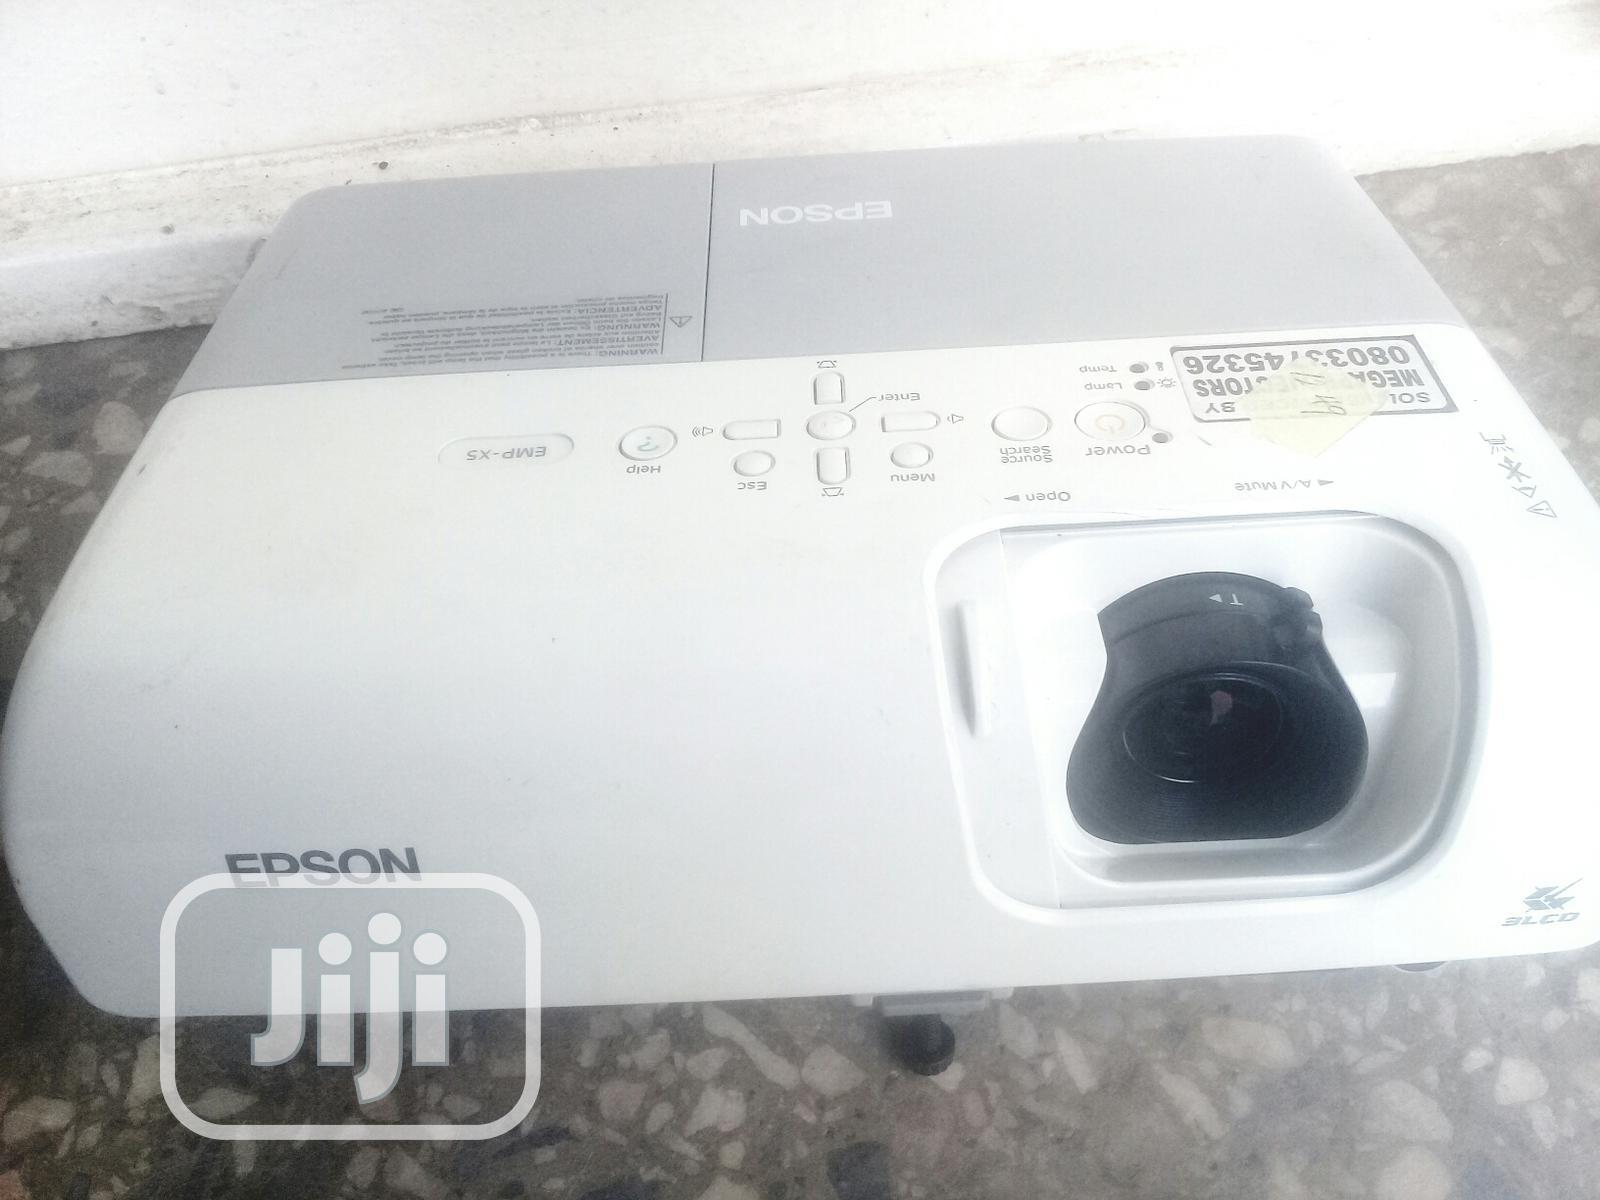 Unique and Very Vivid Epson Projector